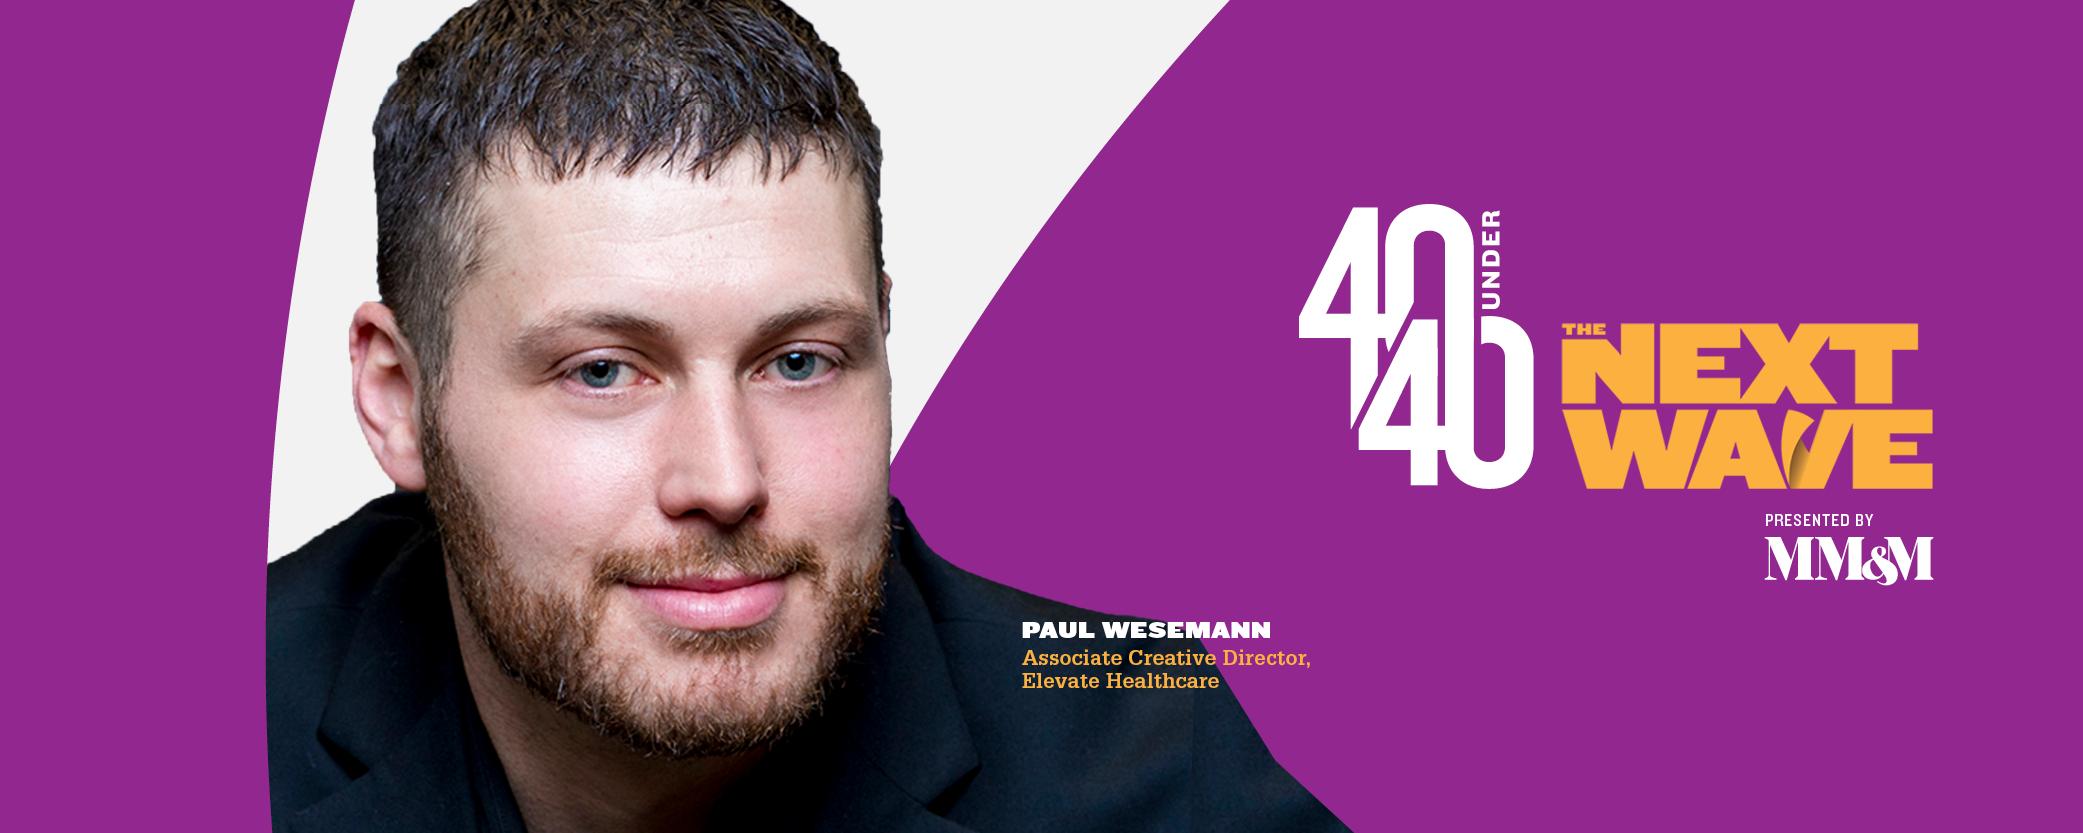 40 Under 40 2020: Paul Wesemann, Elevate Healthcare